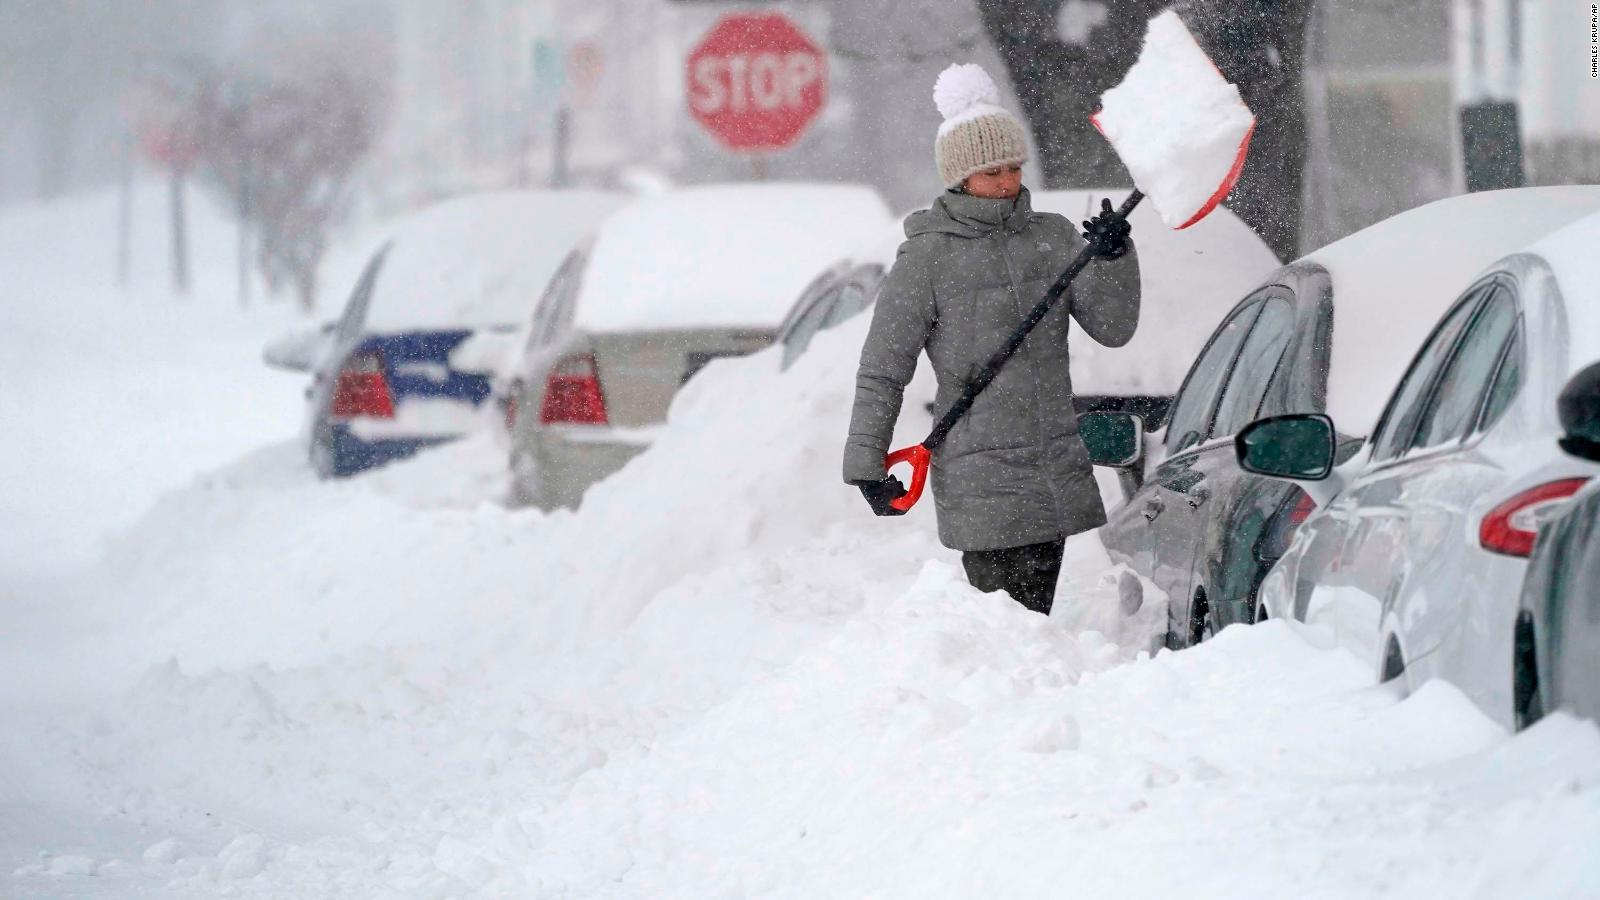 Azotan tormentas invernales a EU con nieve, hielo y frío extremo